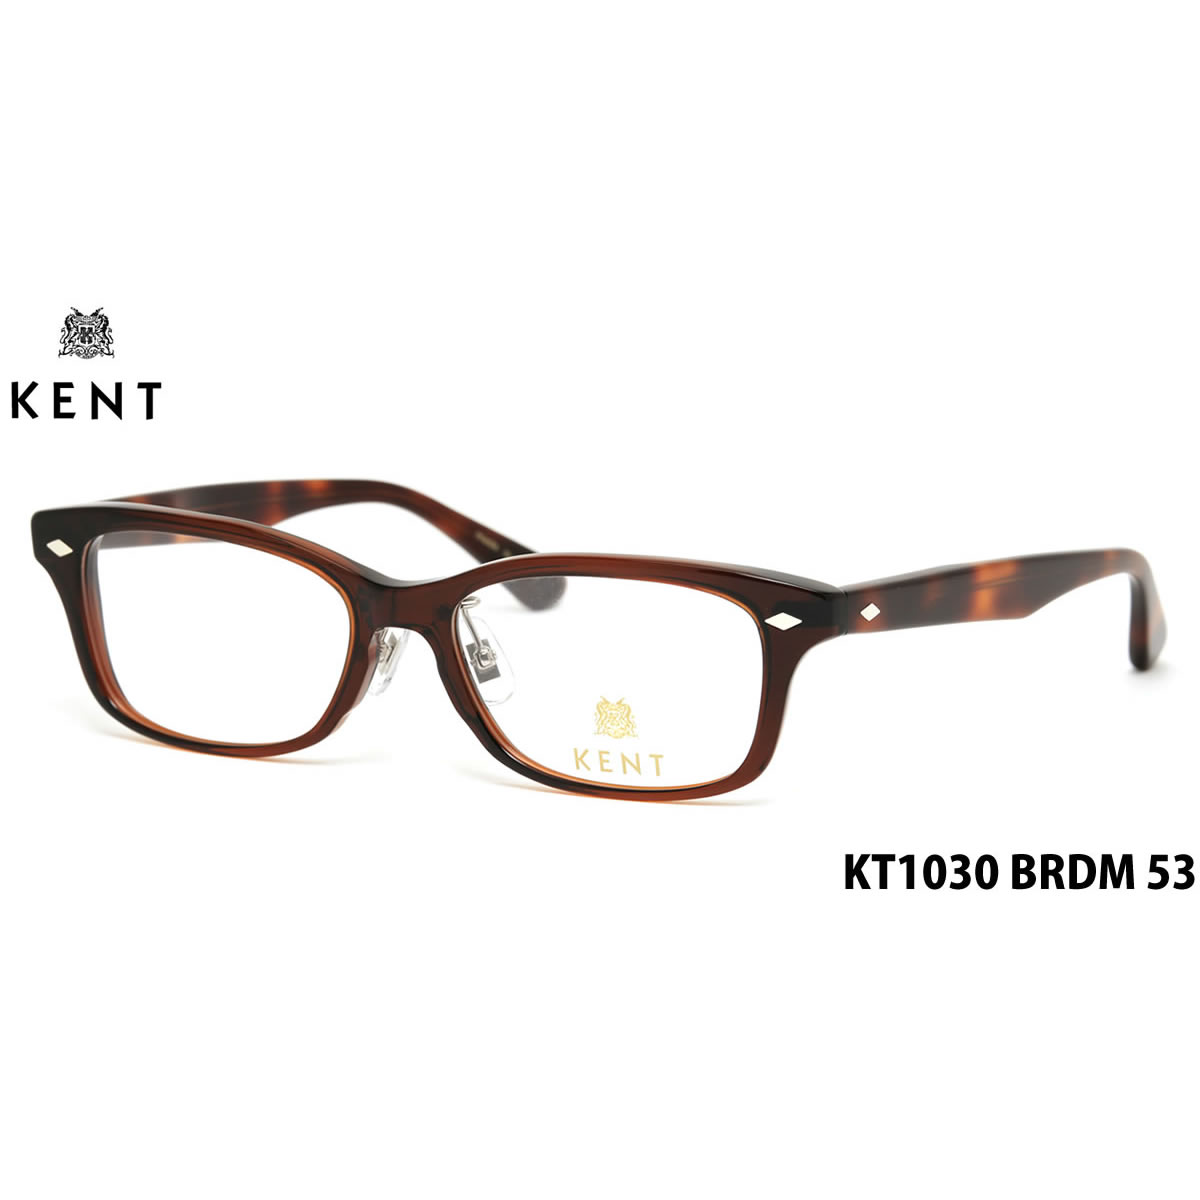 14時までのご注文は即日発送 KT1030 BRDM 53サイズ KENT ケント メガネ メンズ レディース 伊達メガネ用レンズ無料!! あす楽対応